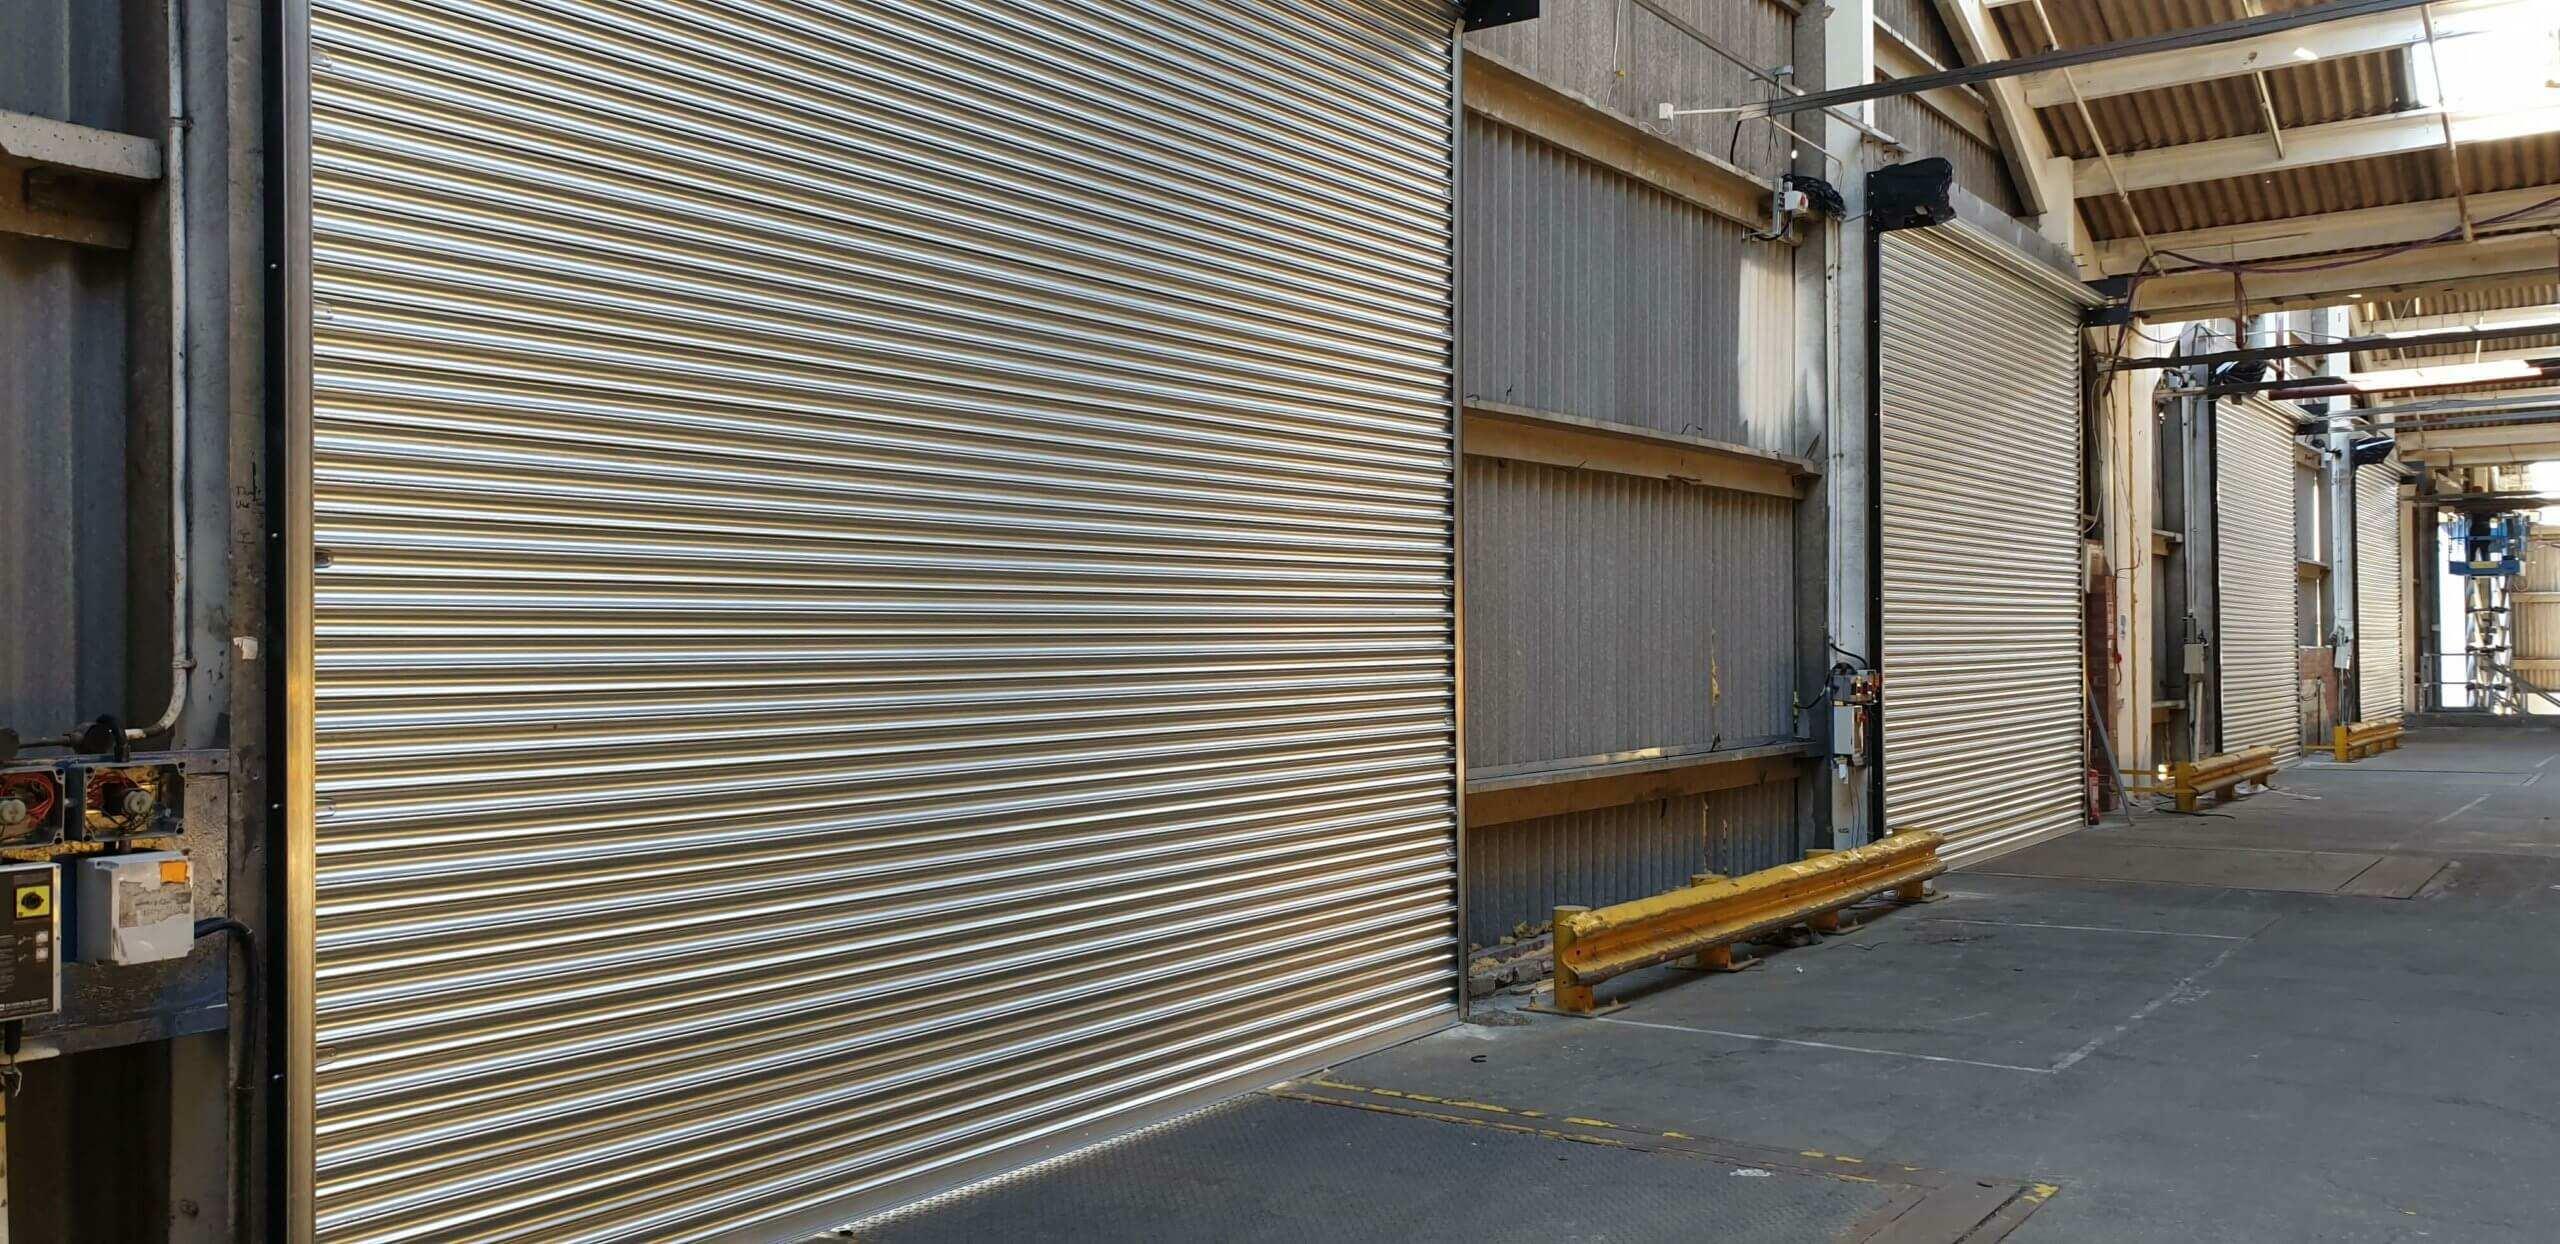 Industrial Roller Shutter Installation Doncaster 13 scaled Industrial Roller Shutter Installation - Doncaster